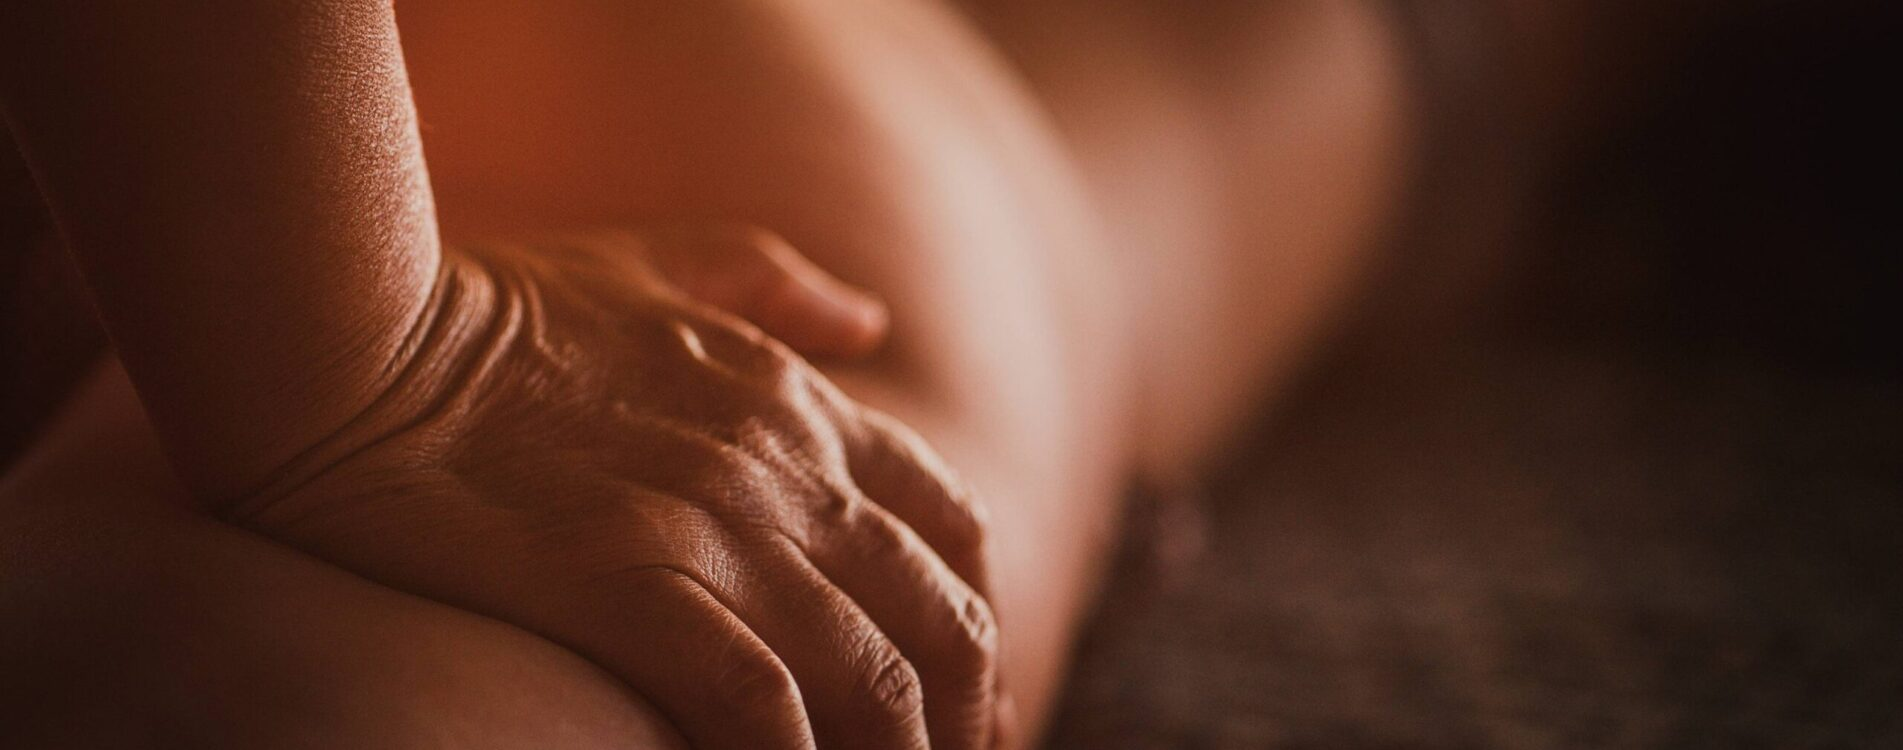 Dịch vụ Massage Yoni.com